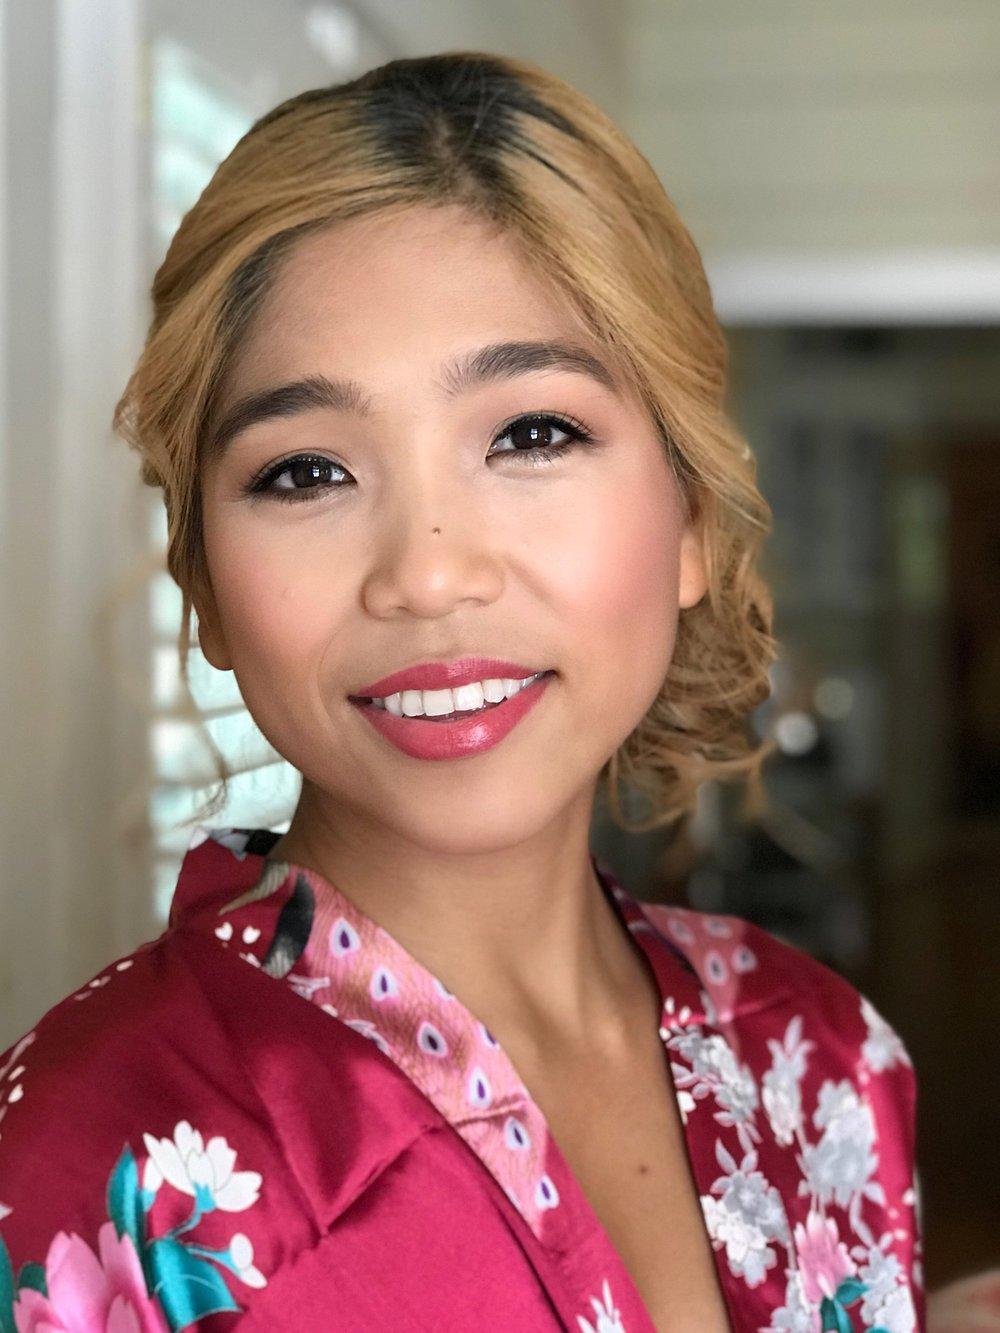 highlands-nc-wedding-makeup-artist